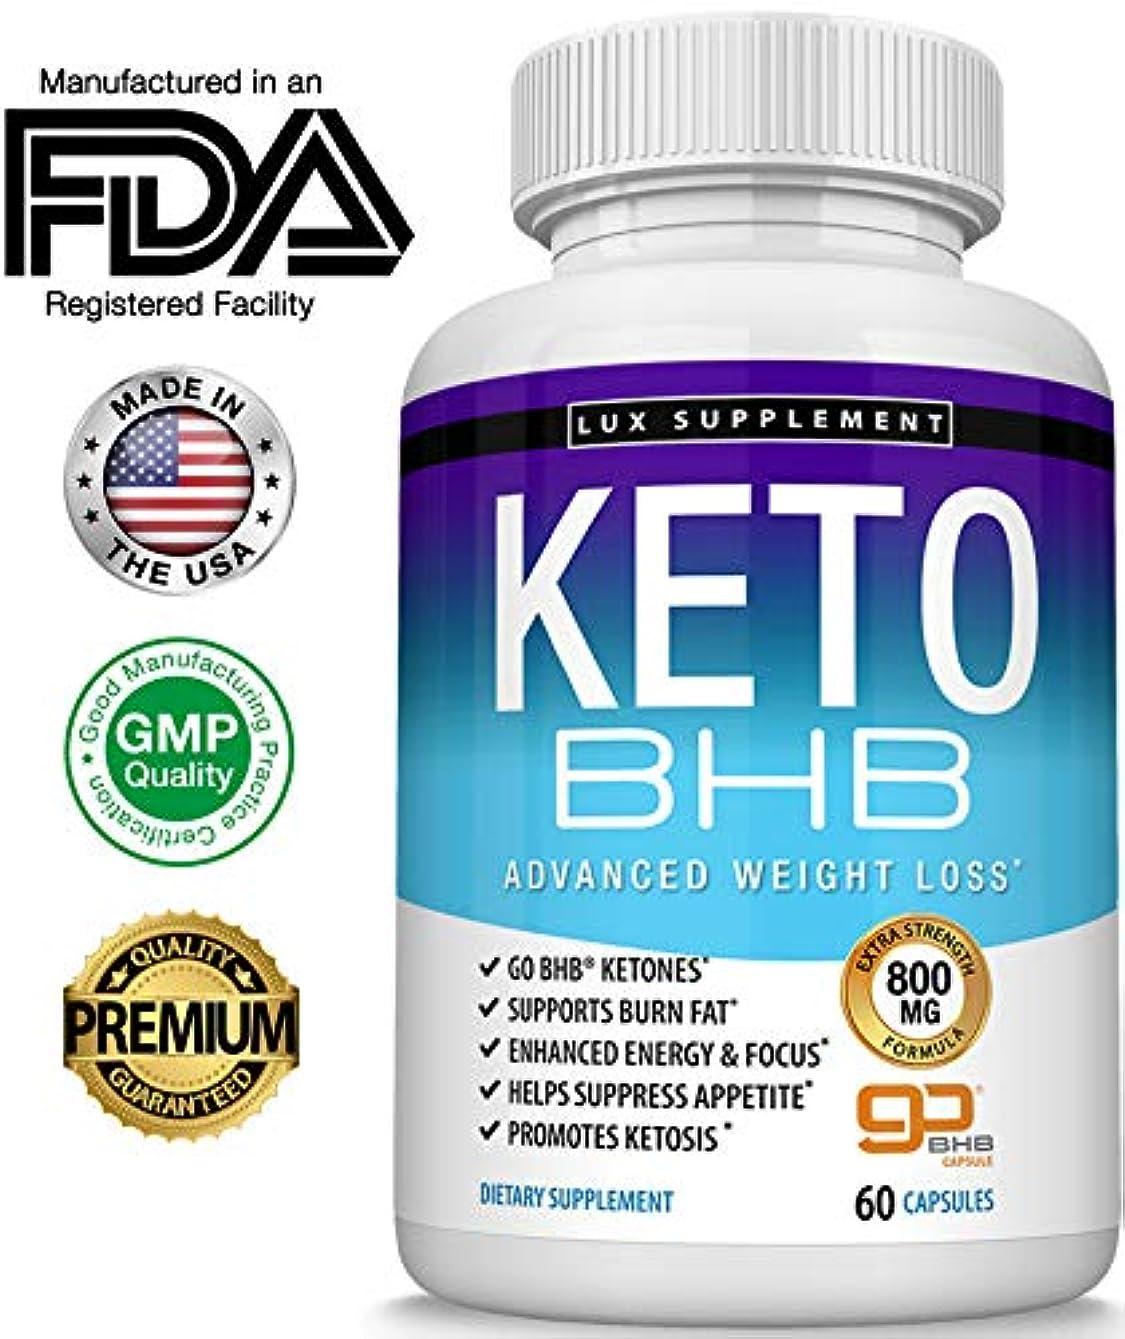 顔料爵形式Lux Supplement ケト BHB Keto Pills Advanced ケトジェニック ダイエット 燃焼系 サプリ 60粒 [海外直送品]